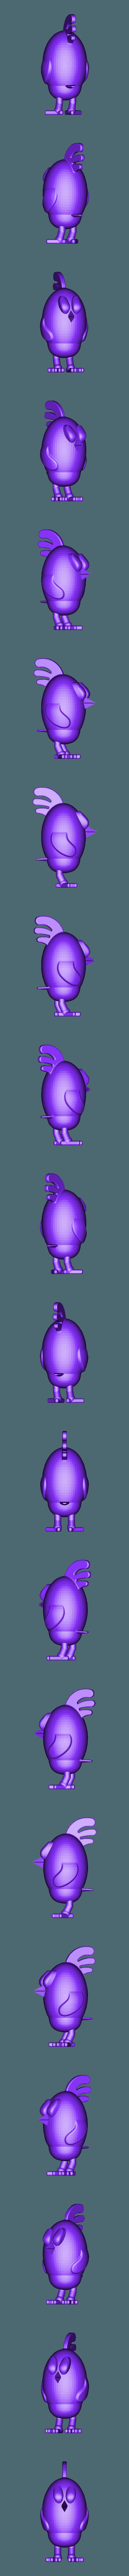 Poule.STL Télécharger fichier STL gratuit Poule • Design pour imprimante 3D, isma2000